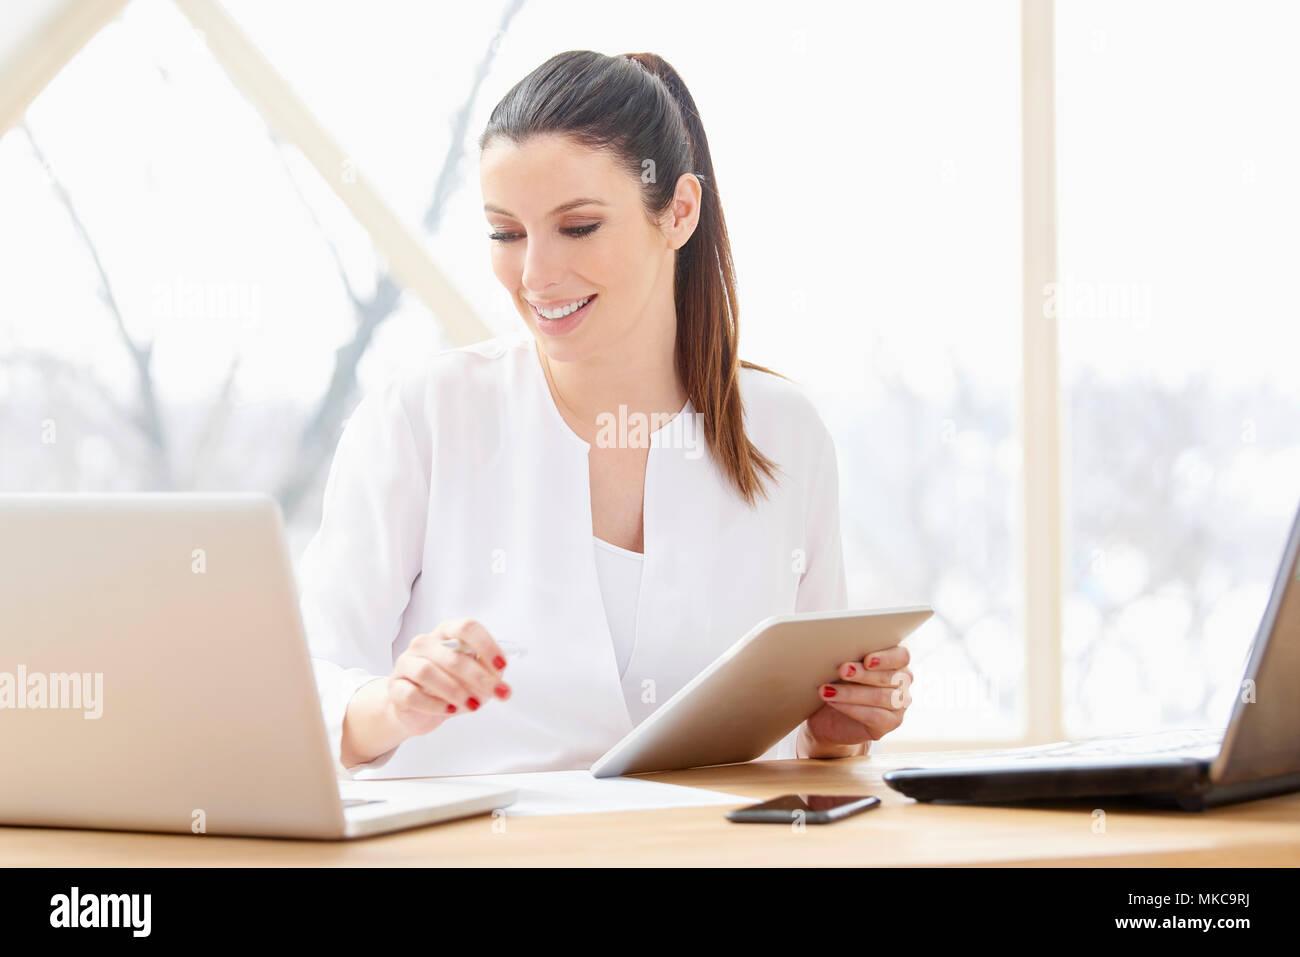 Ritratto di attraente giovane imprenditrice utilizzando tavoletta digitale e computer in ufficio. Immagini Stock